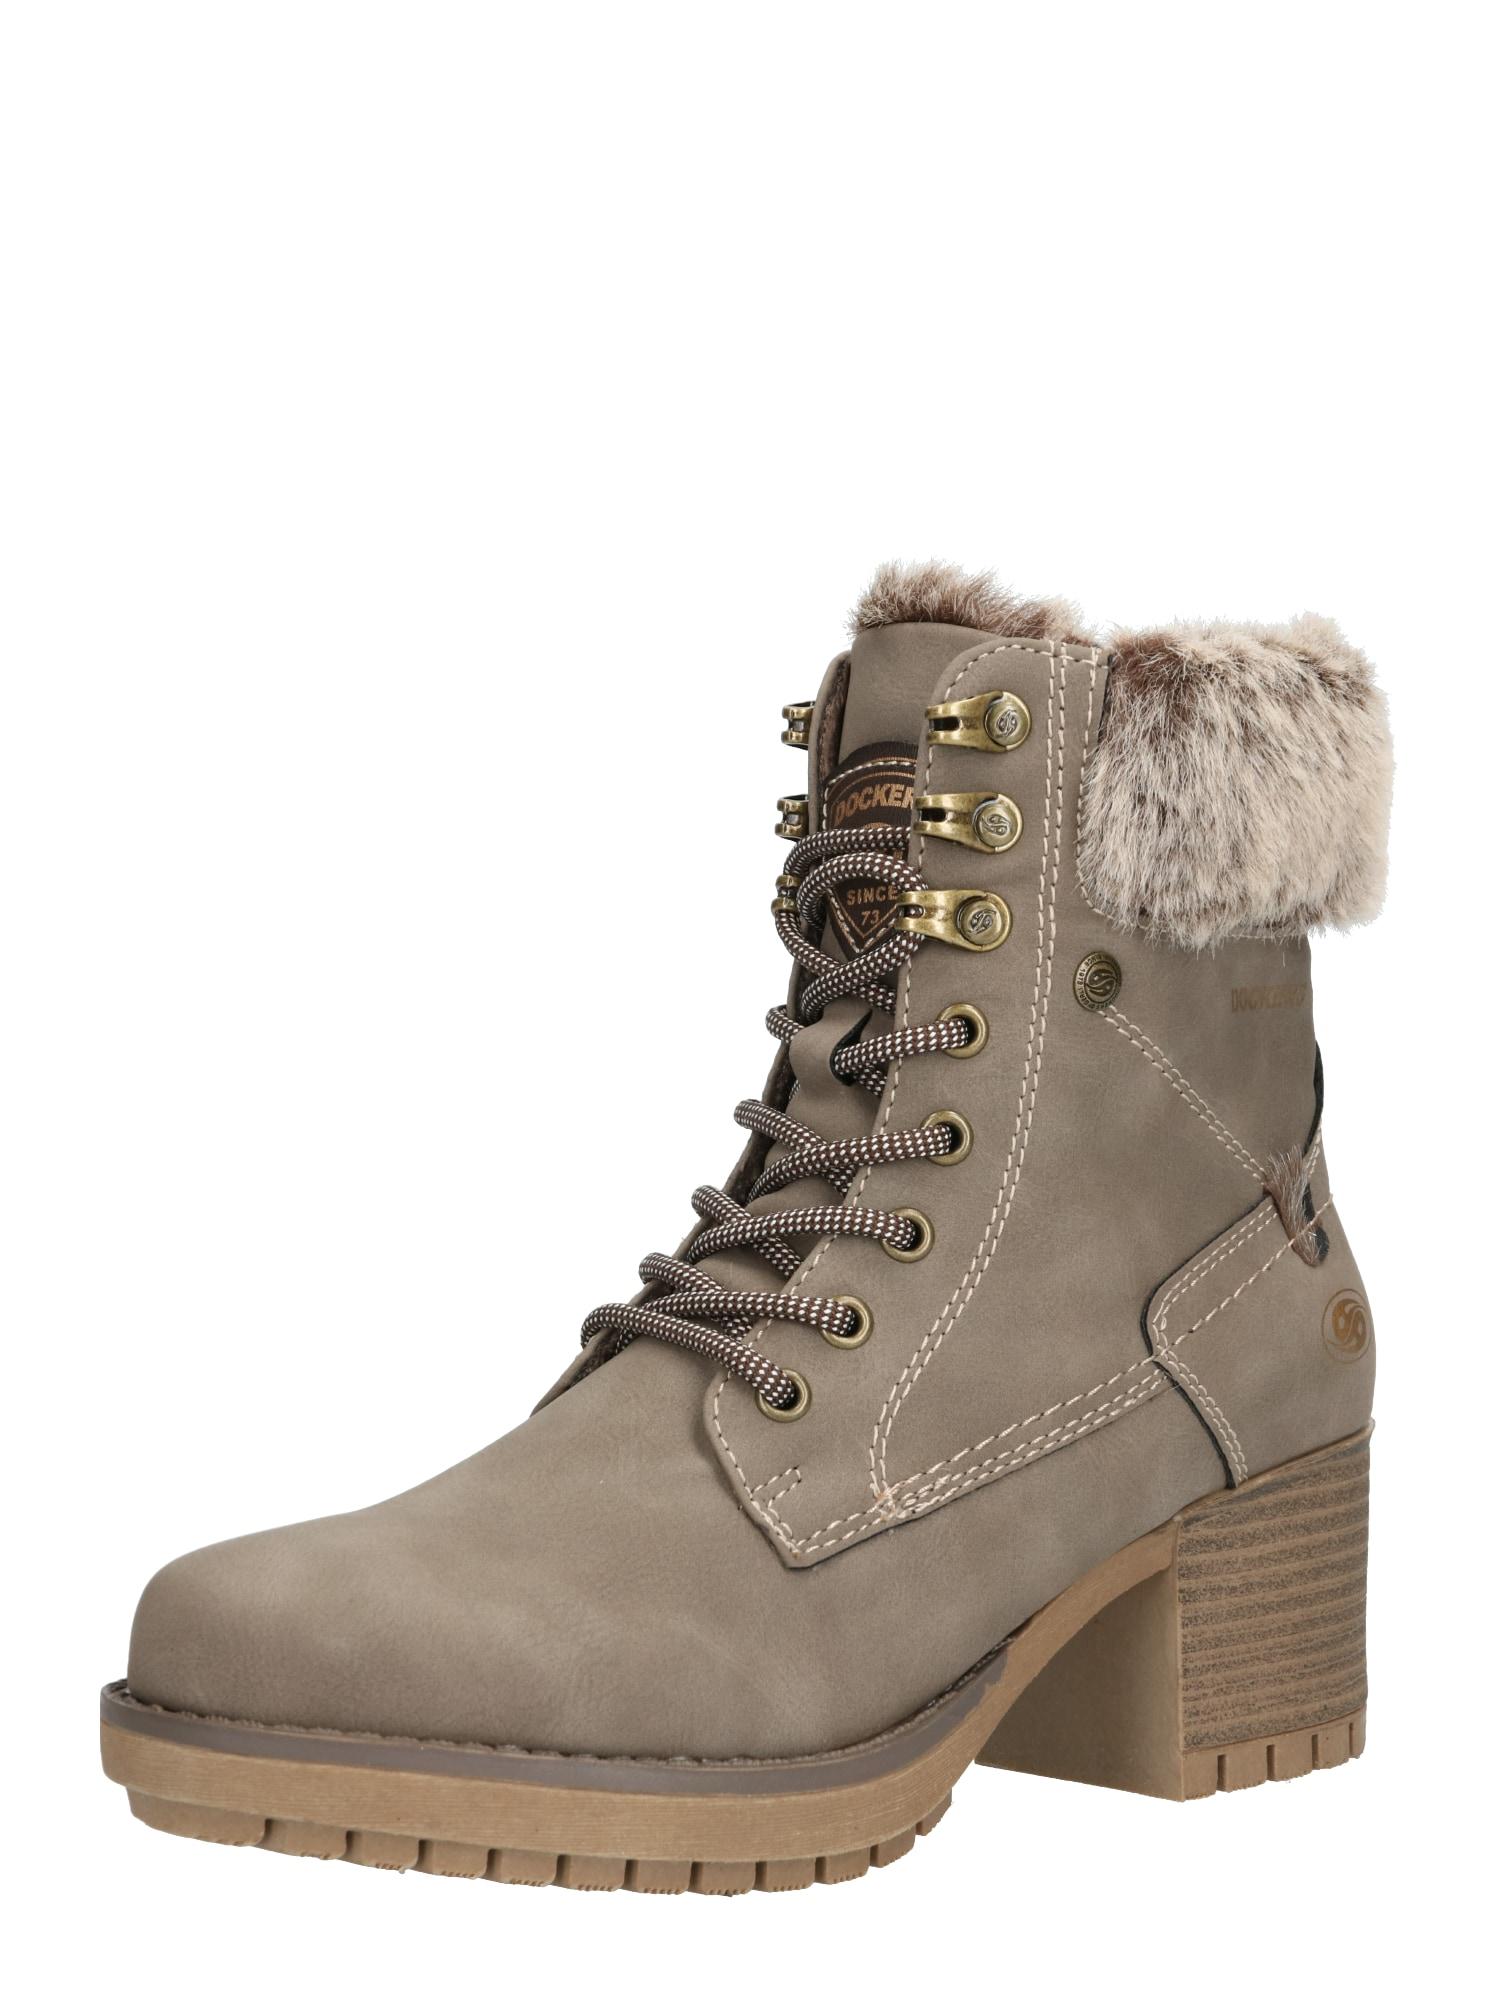 Winterstiefeletten | Schuhe > Stiefeletten > Winterstiefeletten | Dockers By Gerli